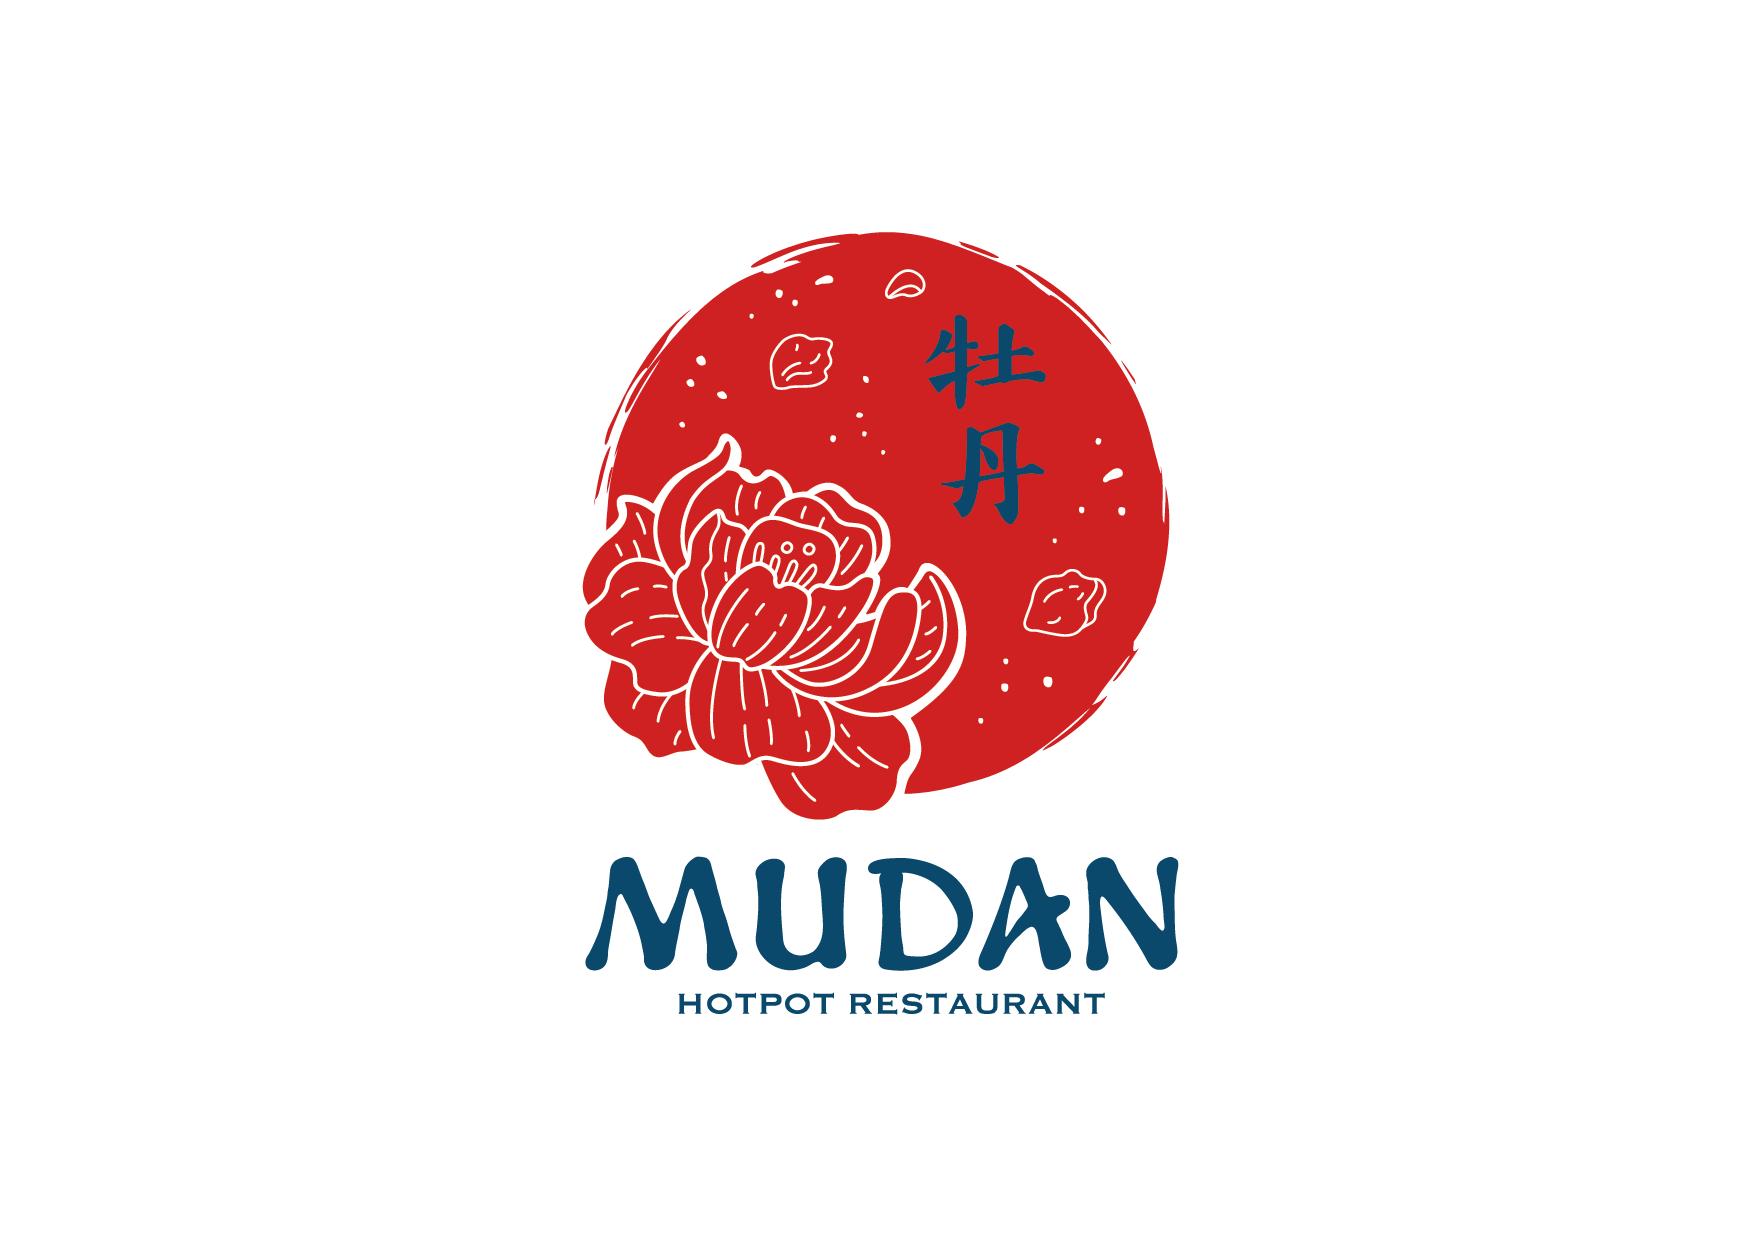 Mudan Hotpot Chinese Restaurant - Ryan Duy Hùng